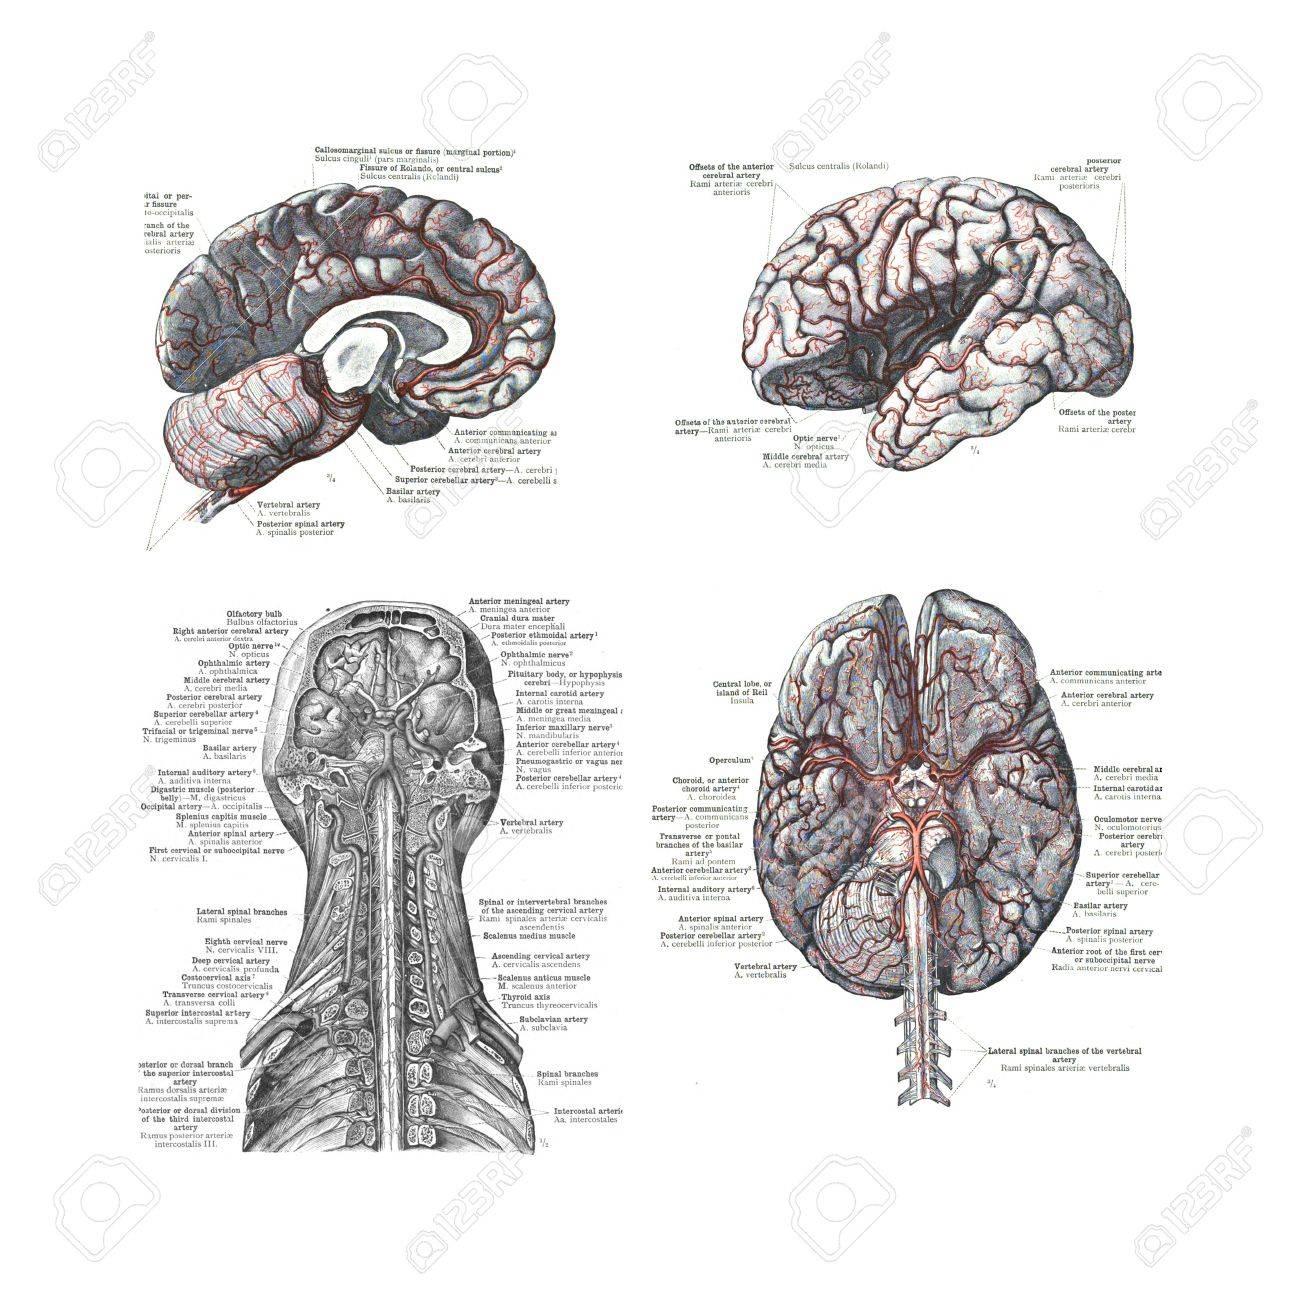 4 Vistas Del Cerebro Humano De Un Atlas De Anatomía Humana: Carl ...